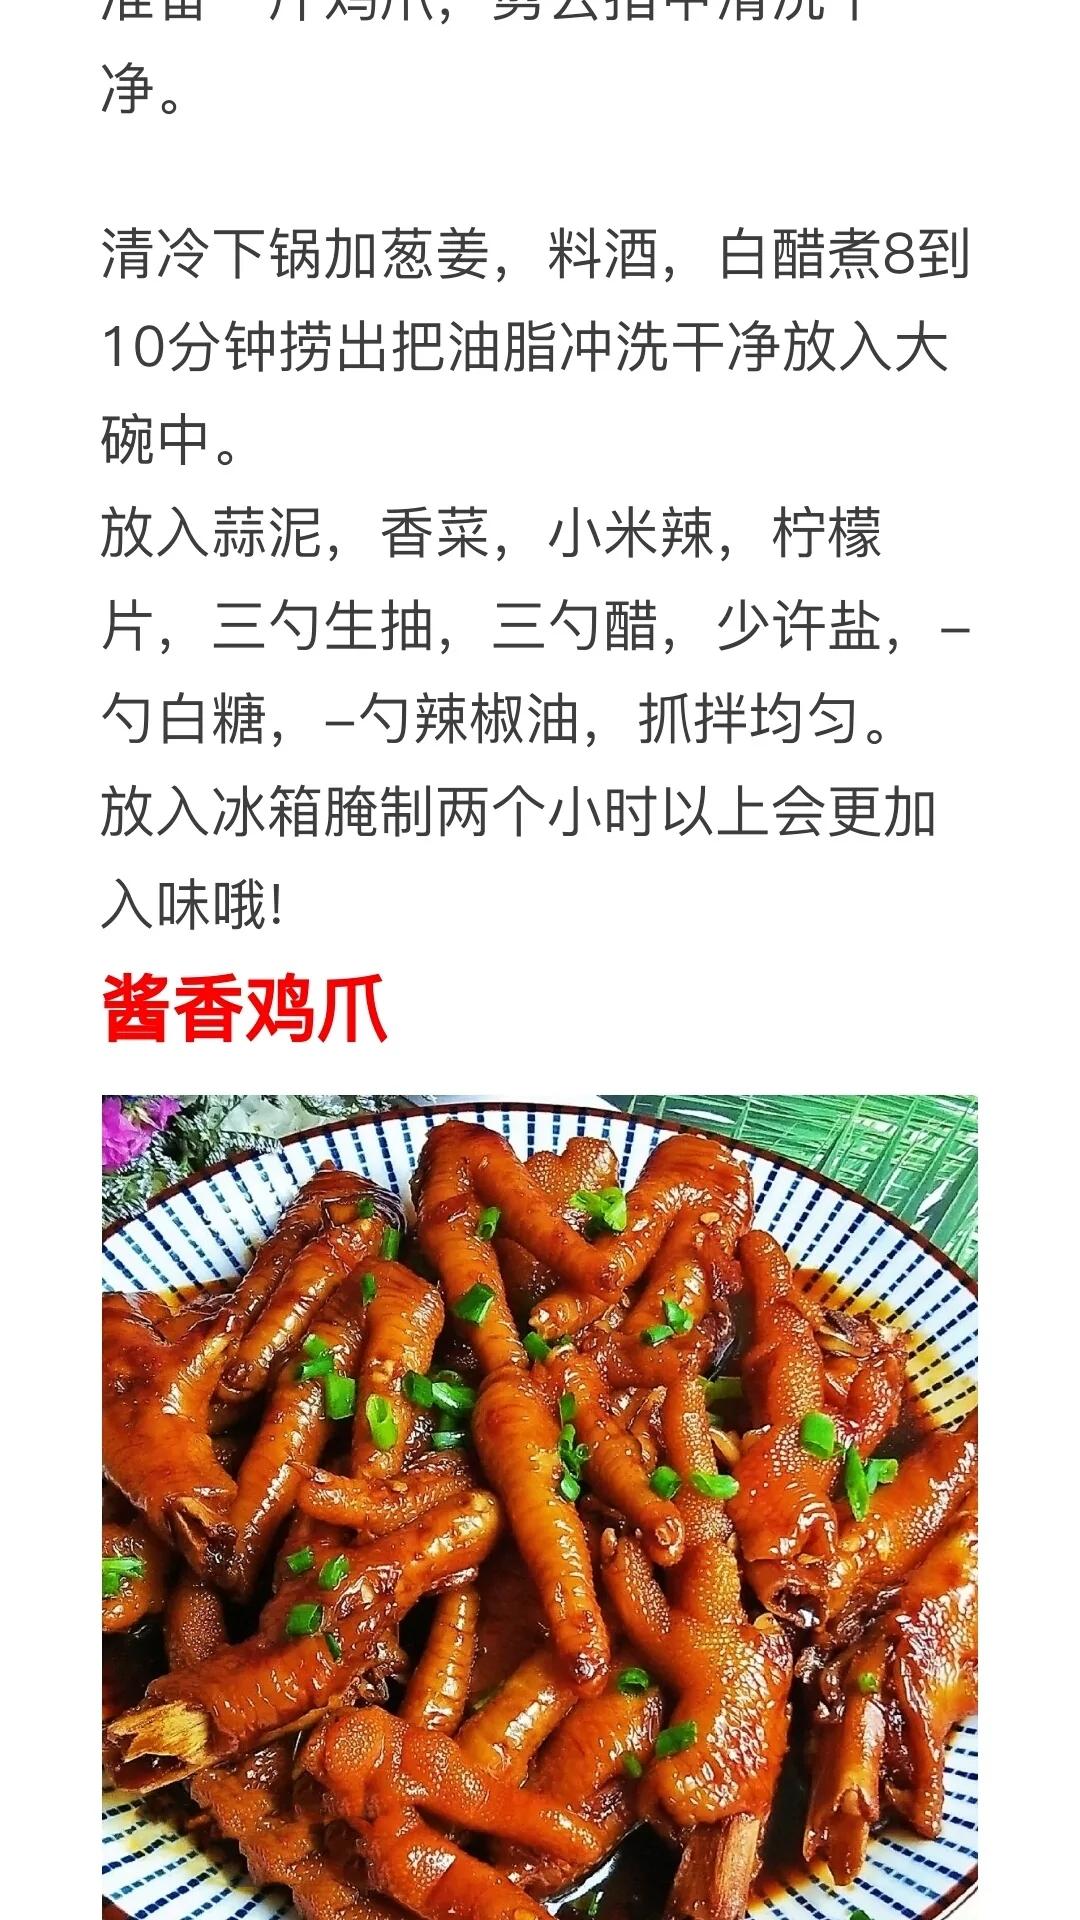 家常鸡爪的做法及配料 美食做法 第4张